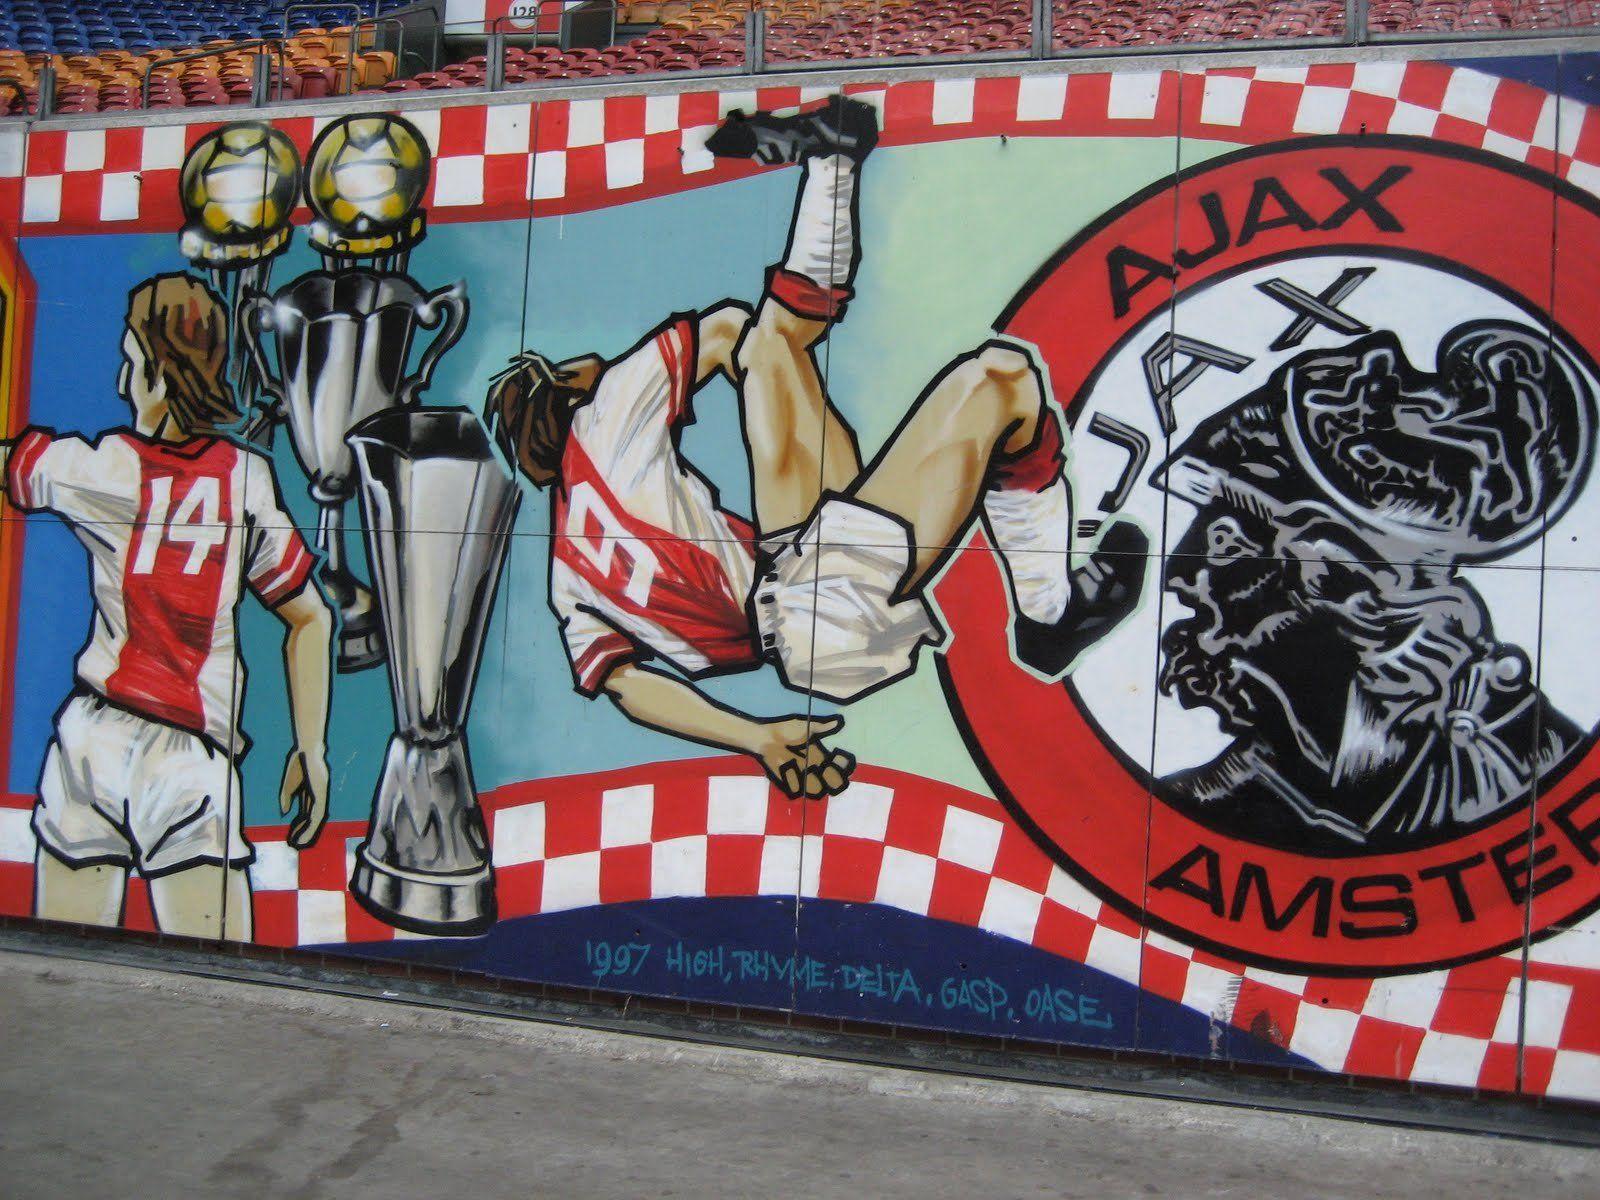 Ajax Cruyff Afc Ajax Graffiti Wall Amsterdam City Centre Fifa Football Sport